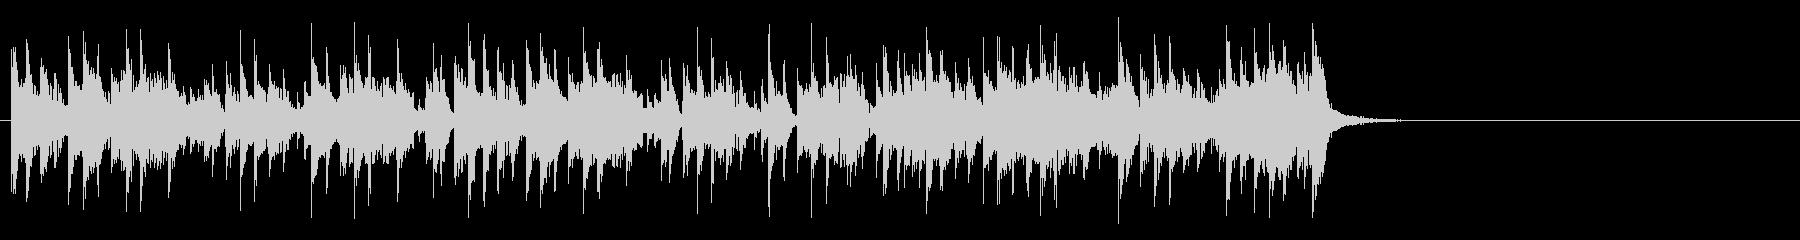 テーマパーク向けポップ(Aメロ)の未再生の波形